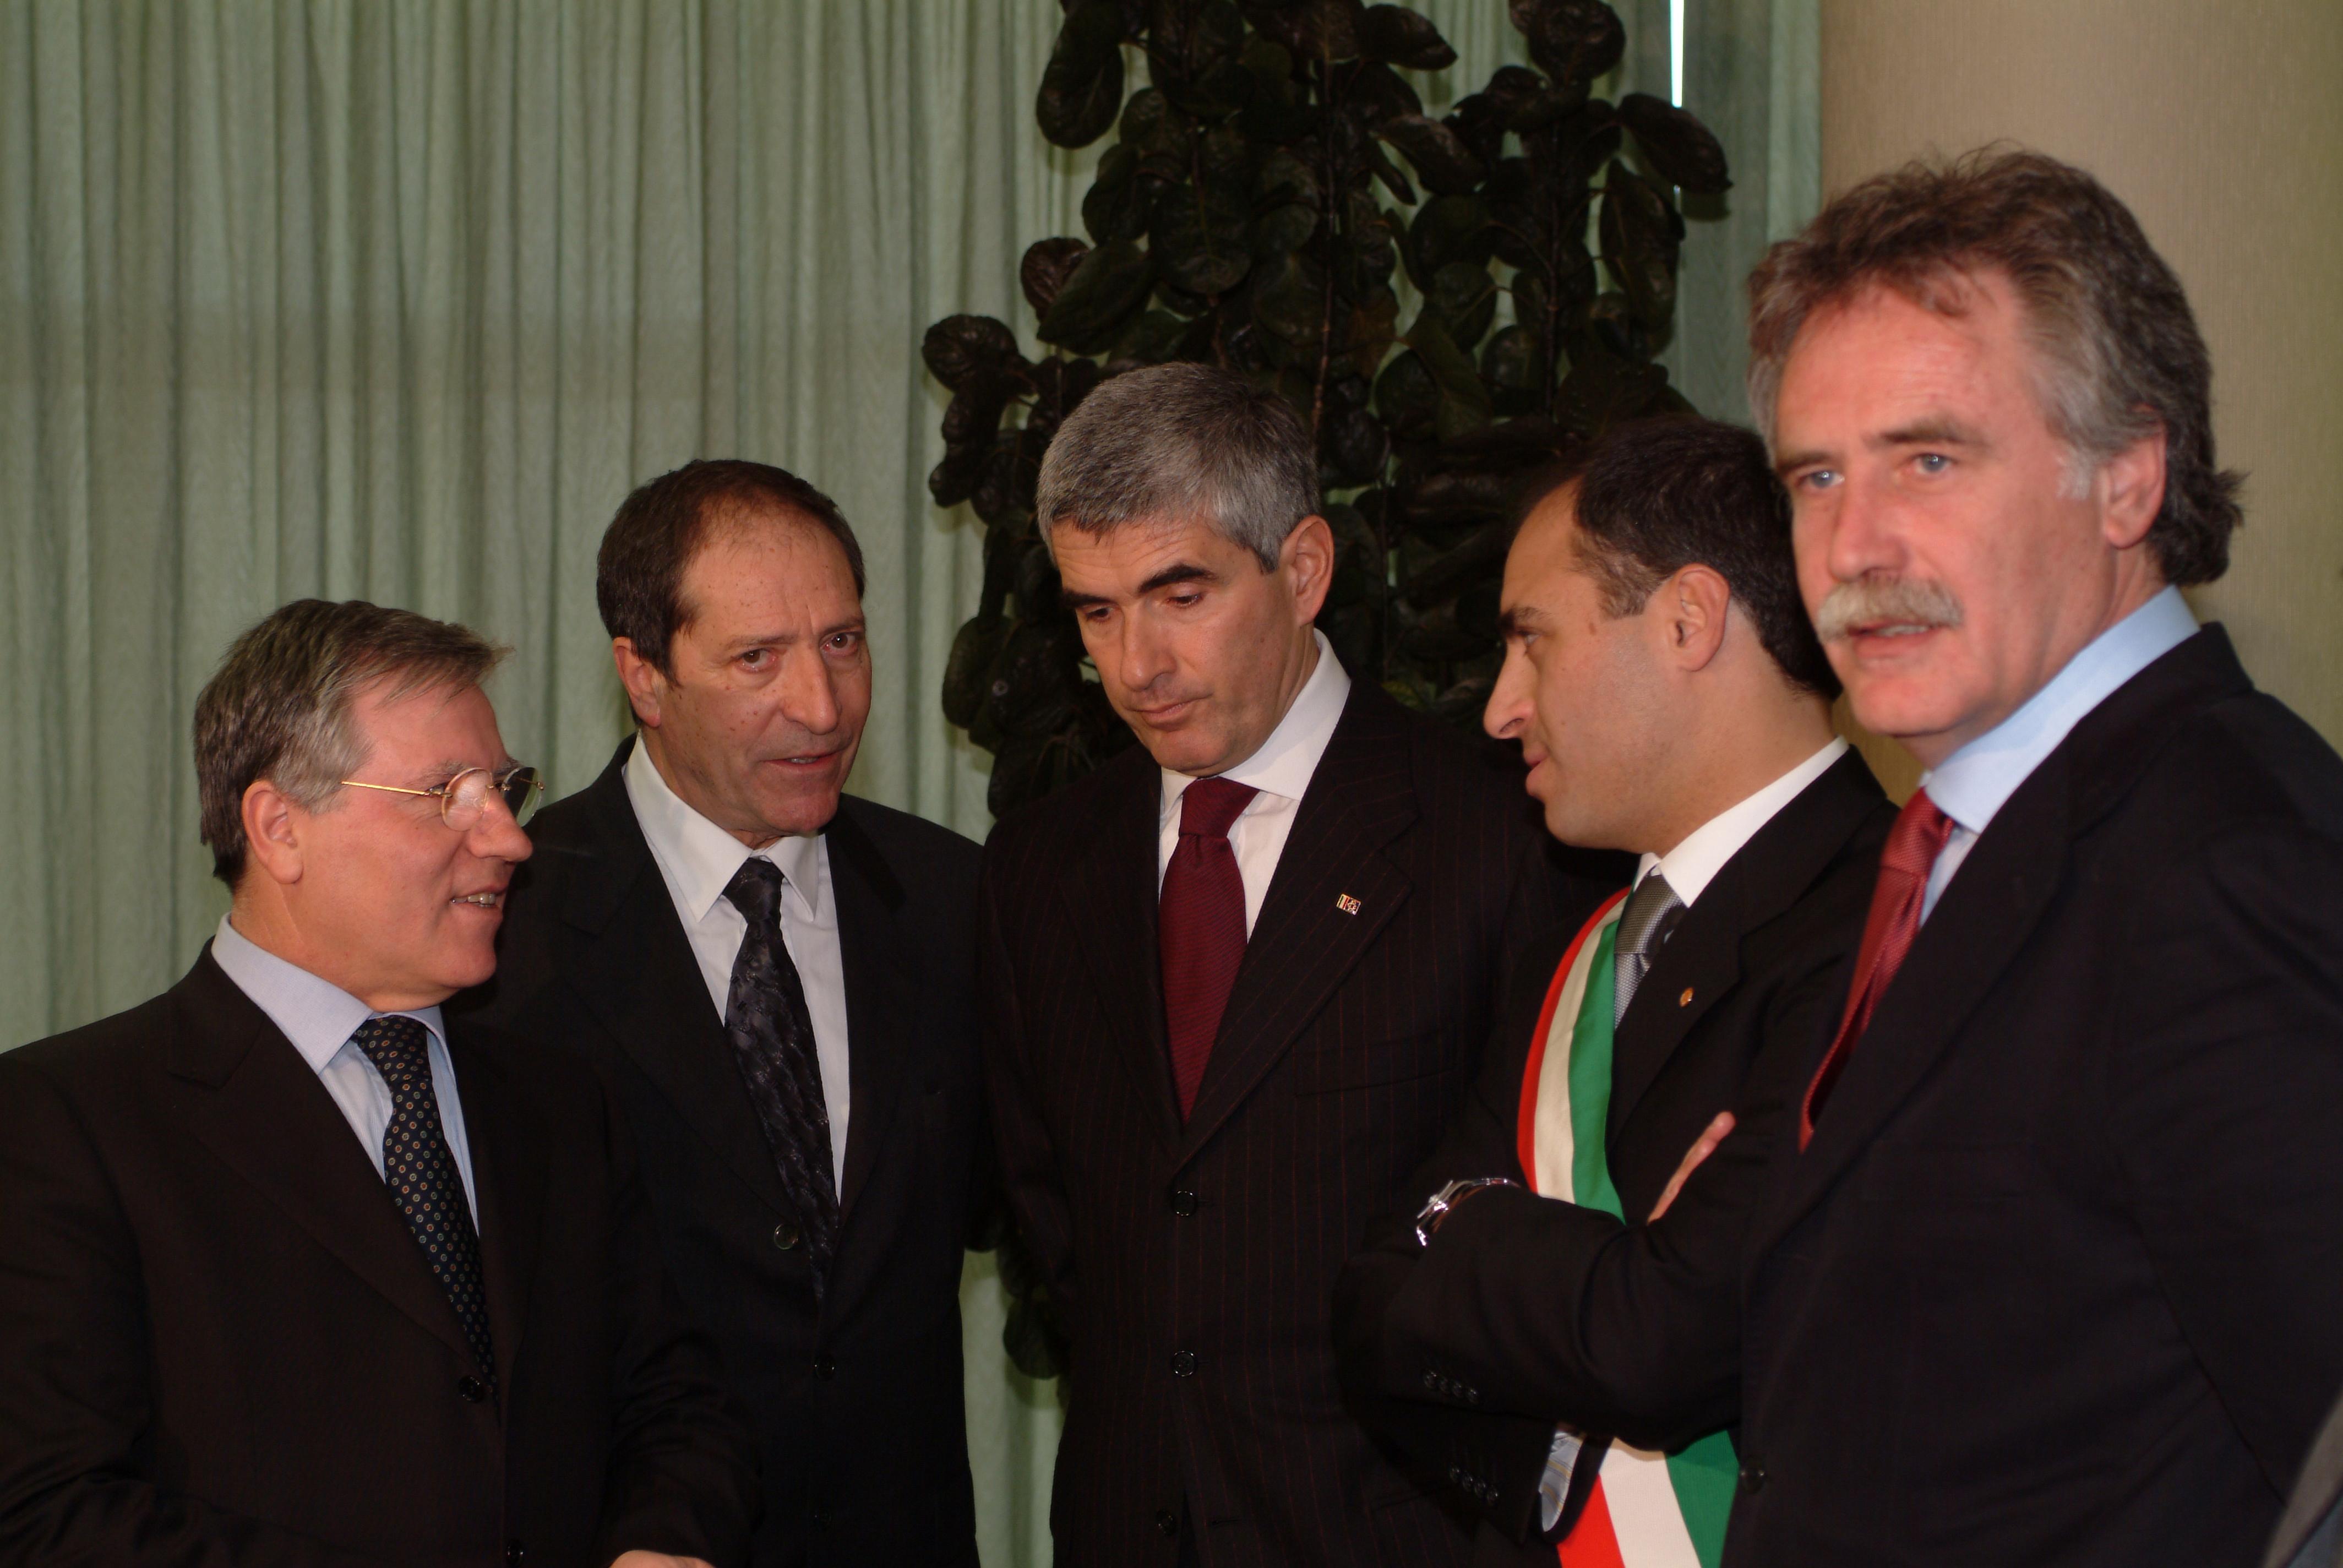 Palazzo di giustizia di Modica da utilizzare, appello del Comitato Pro Tribunale a Casini